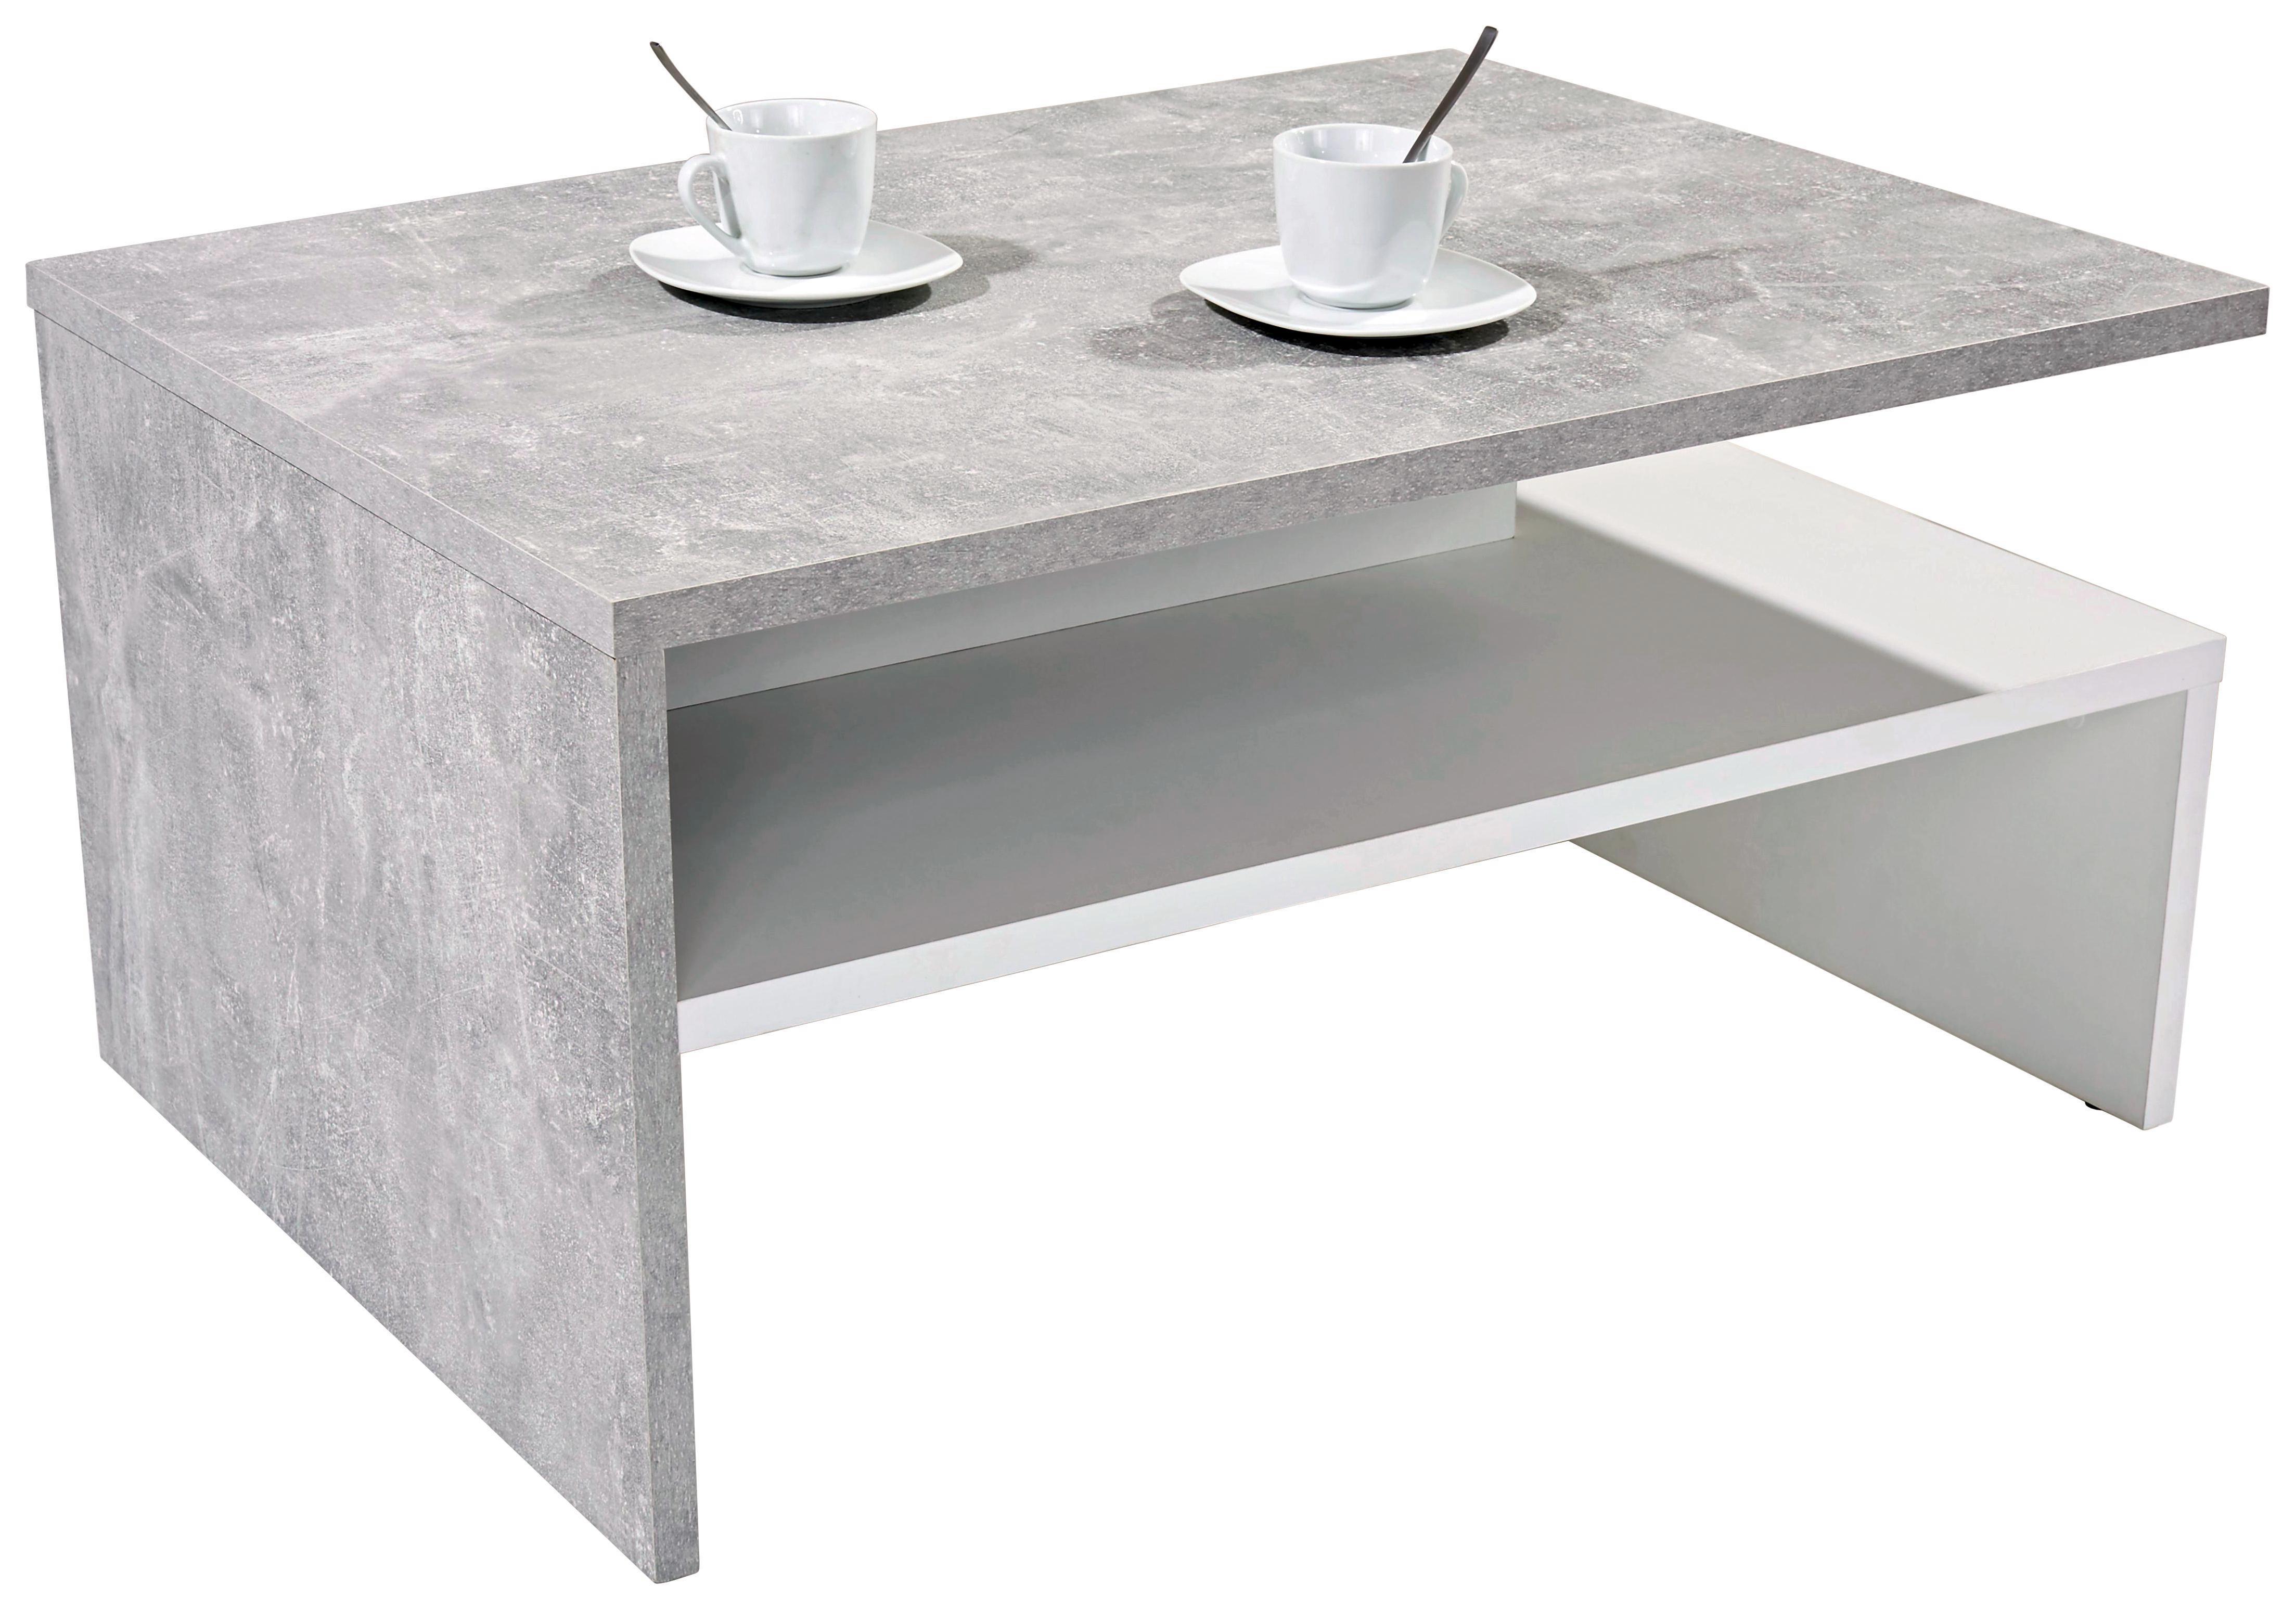 couchtisch wei grau couchtisch ida hochglanz weiss lack weiss grau mit with couchtisch wei grau. Black Bedroom Furniture Sets. Home Design Ideas